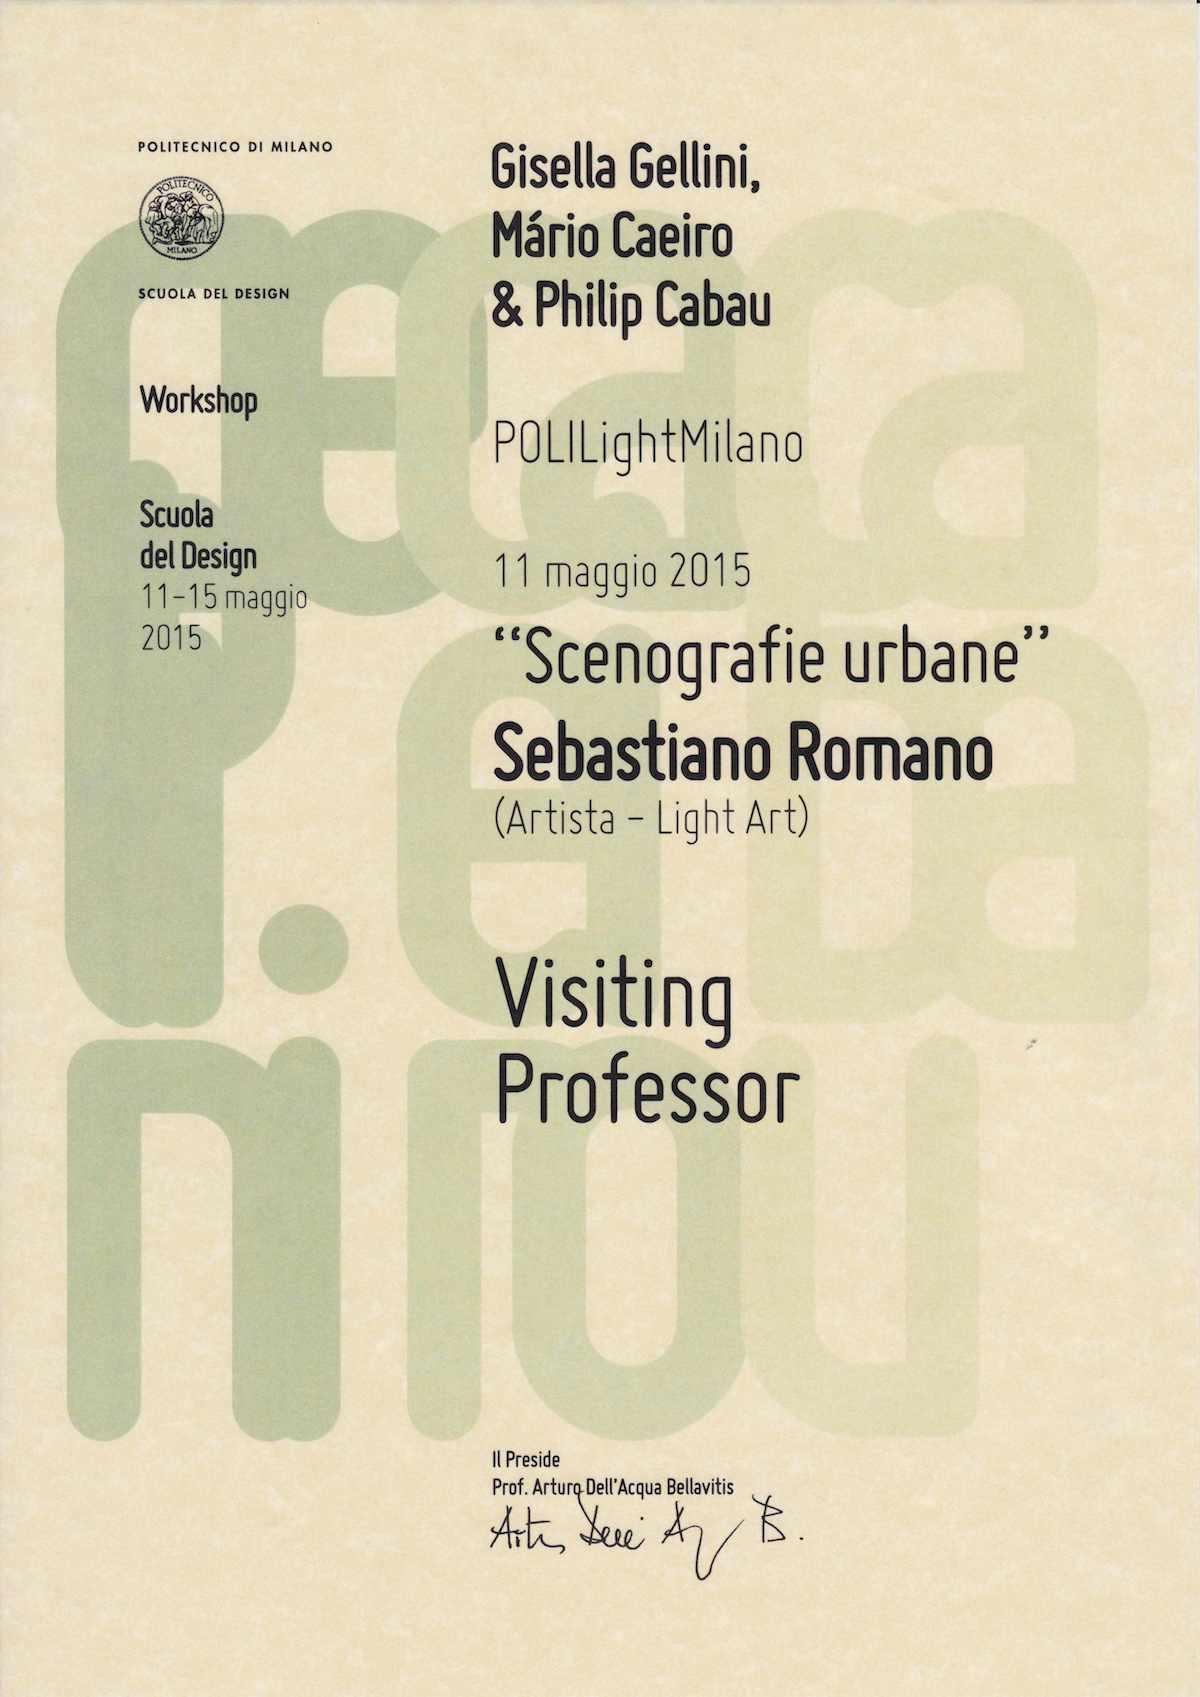 Workshop Scuola del Design - Politecnico di Milano